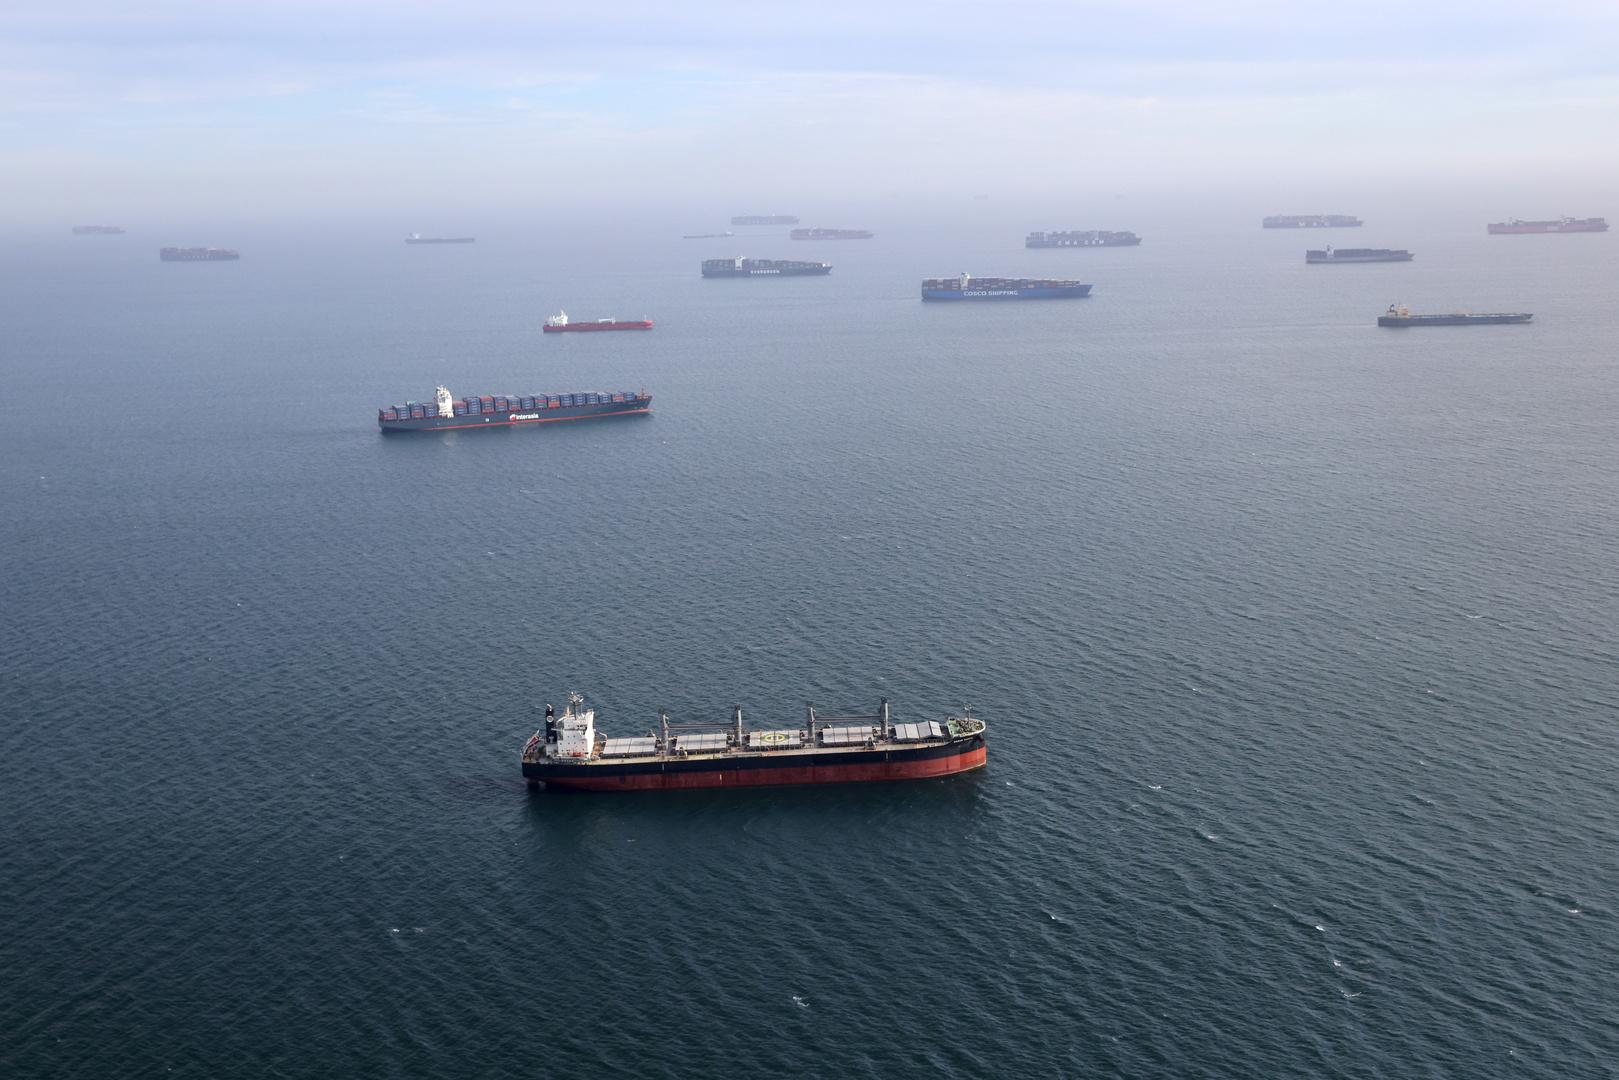 بالفيديو.. تصادم ناقلة نفط وسفينة شحن قبالة الفلبين